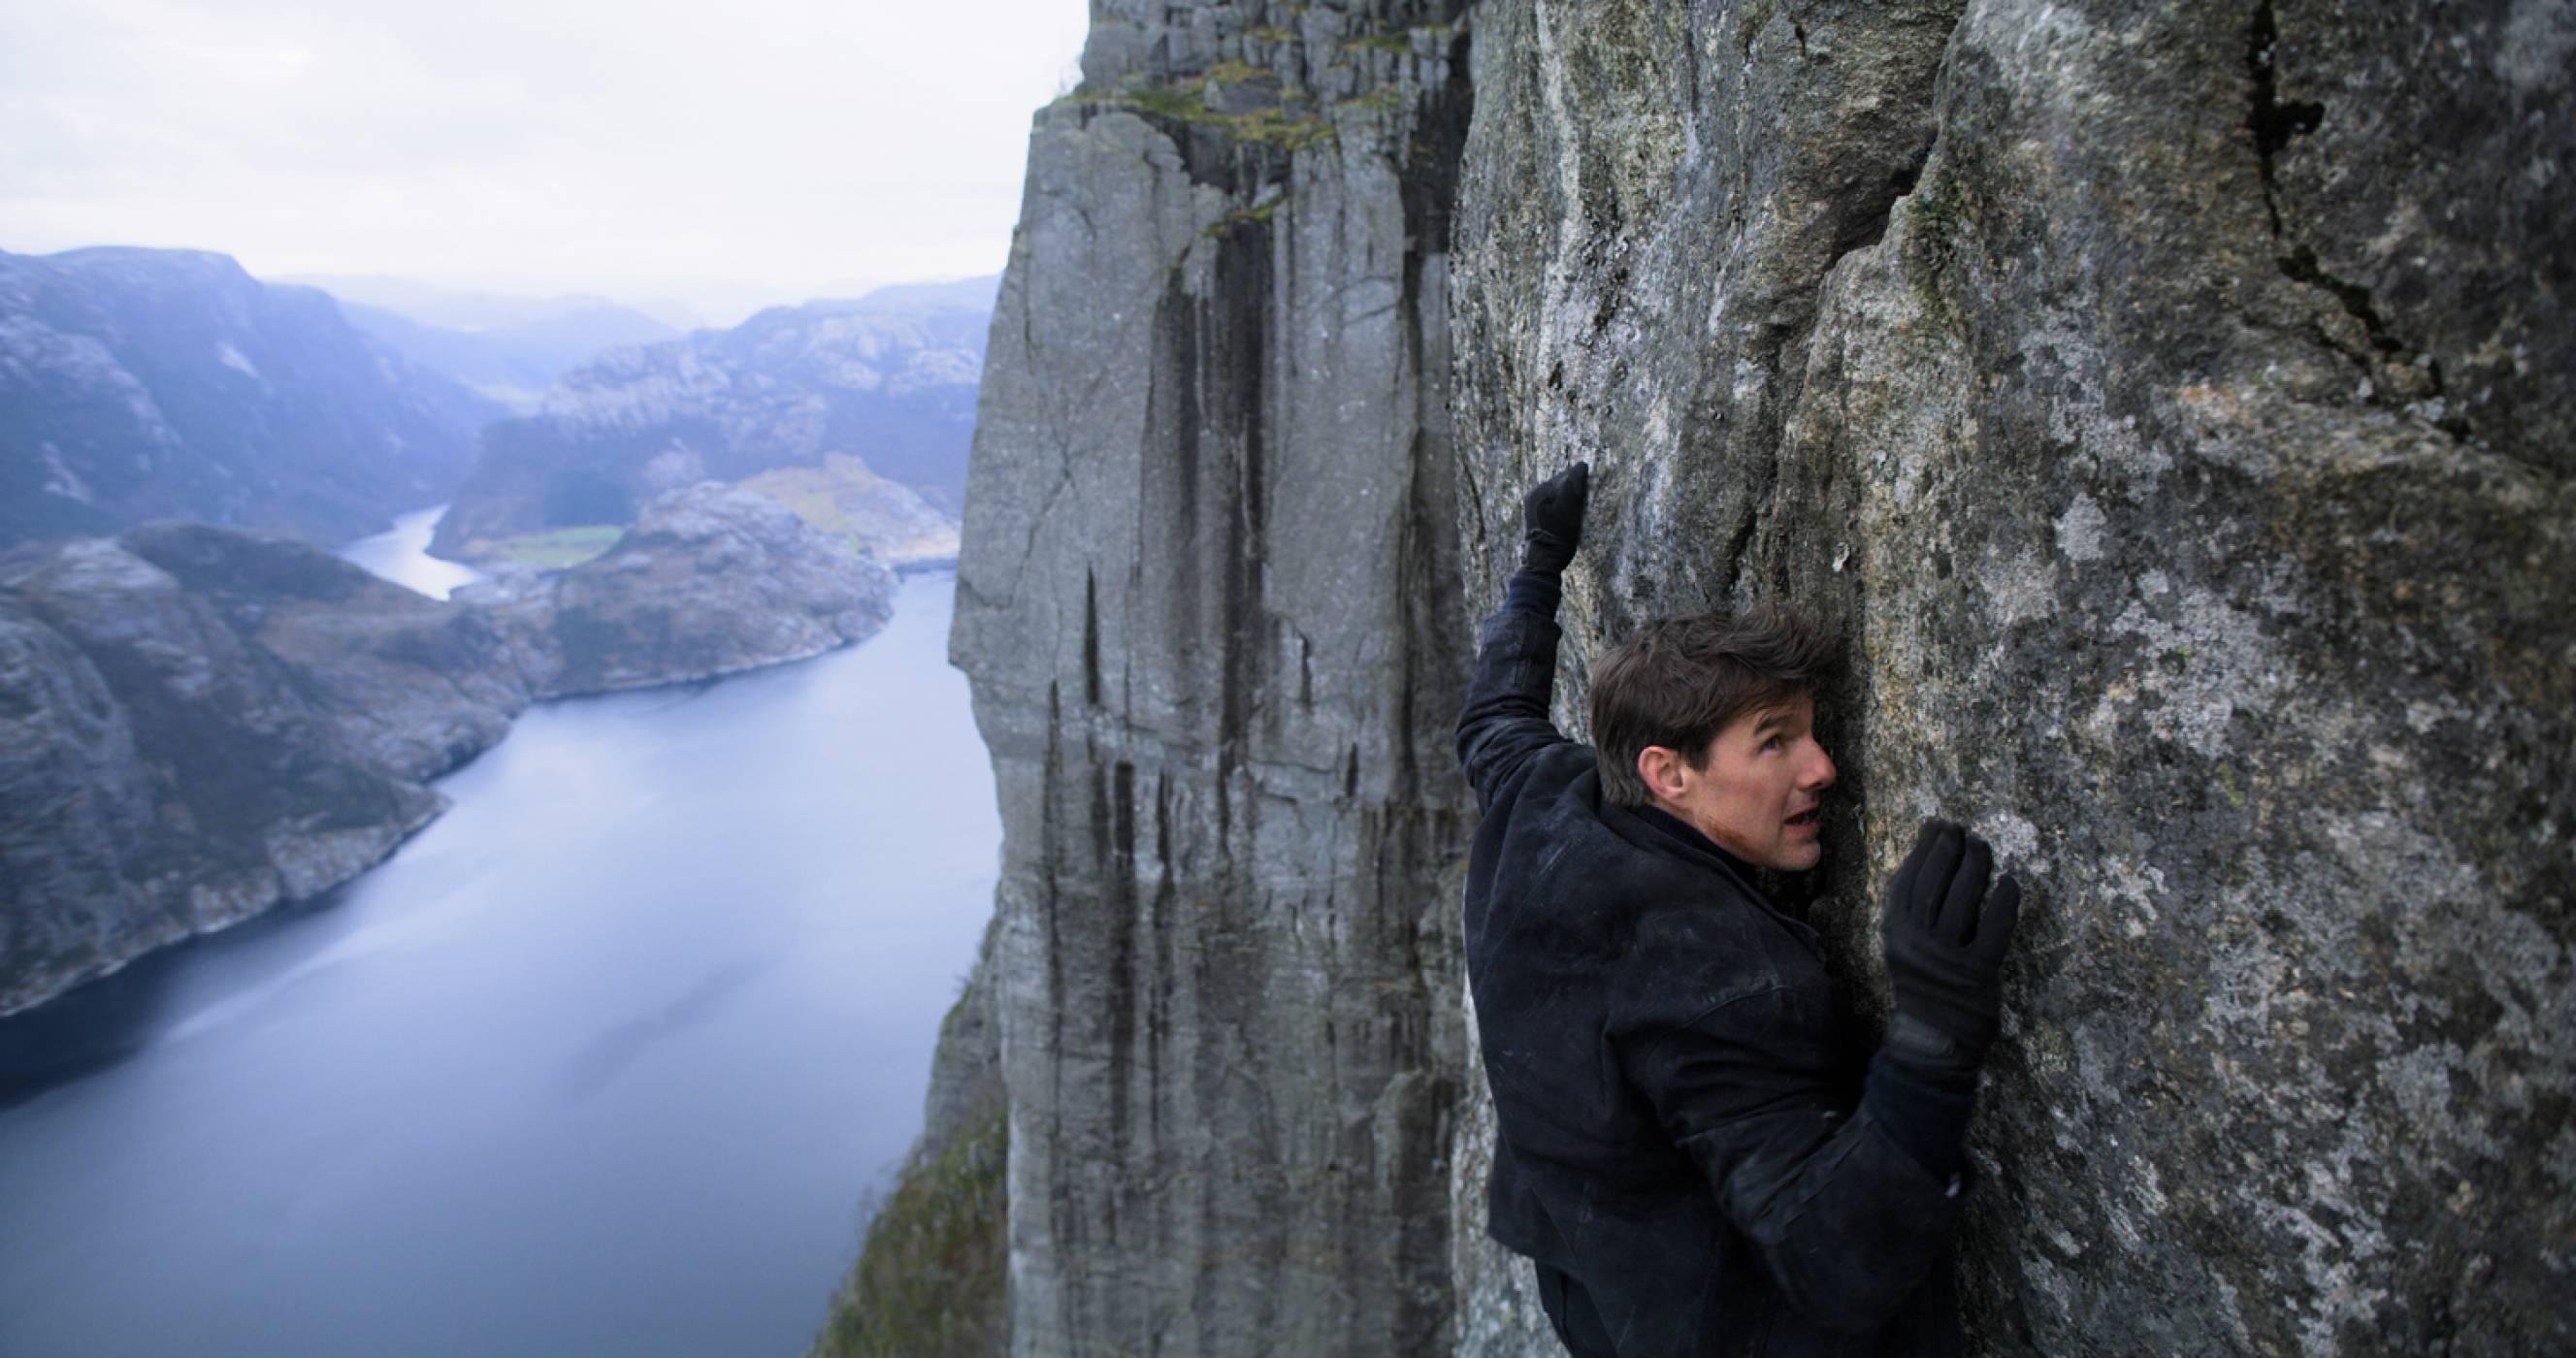 """""""Мисията невъзможна: Разпад"""" ще е един от големите хитове това лято и този трейлър го доказва"""